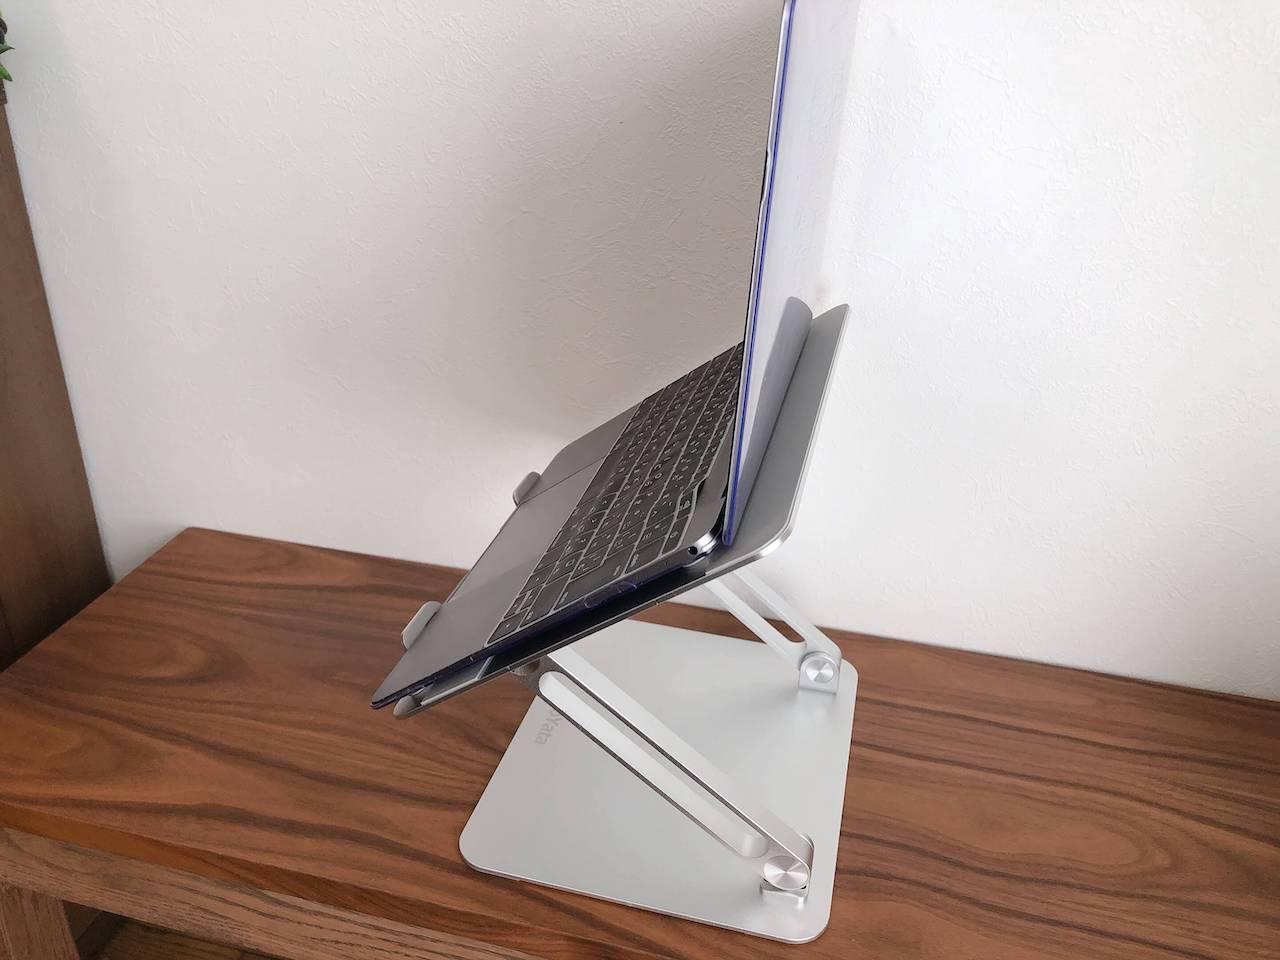 BoYataのラップトップスタンドにノートPCを置き、目線の高さに合わせて設置したところの写真です。